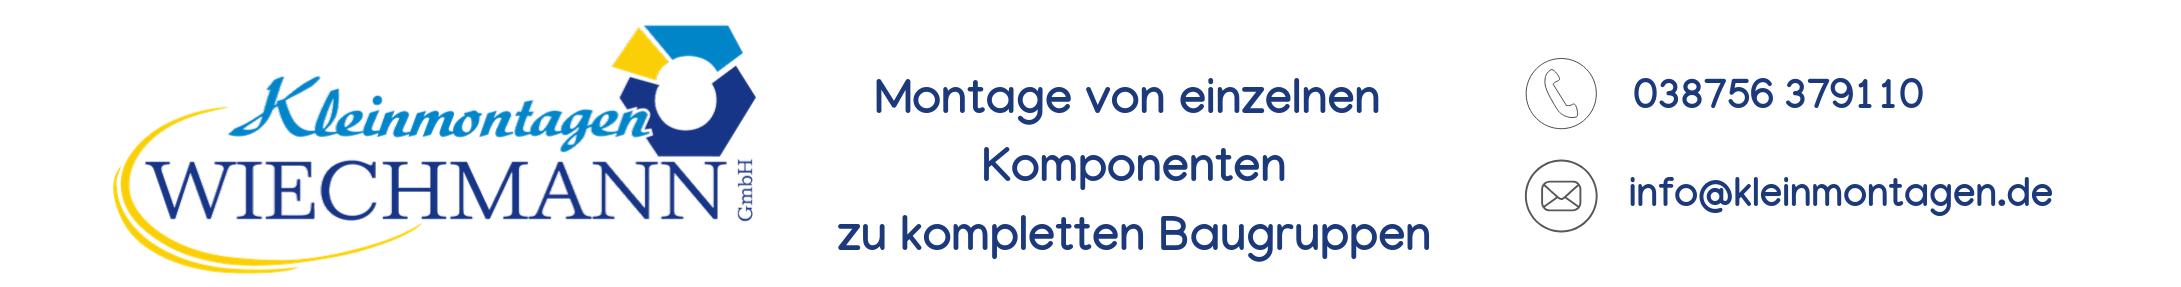 Kleinmontagen WIECHMANN GmbH in Grabow Logo